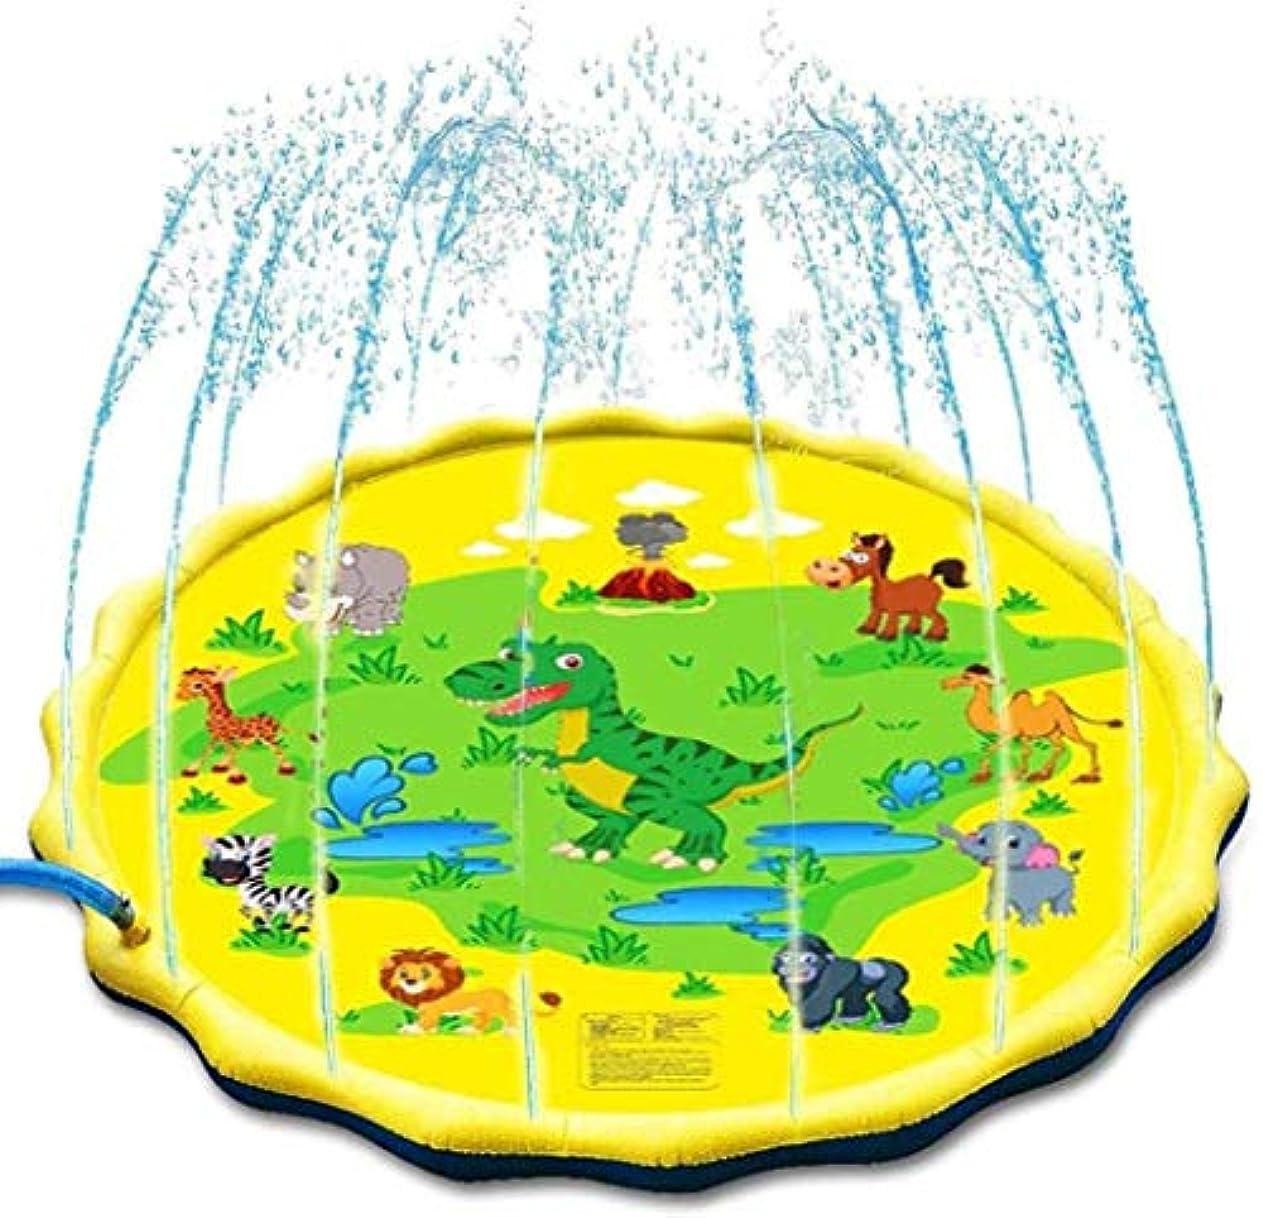 太いフラスコペナルティスプラッシュパッドインフレータブルウォータースプリンクラープレイマットプレイマットガーデン水のおもちゃプレイマット折り畳まスプリンクラーは夏の屋外/ガーデン/ビーチ用のマットを再生します,Gelb